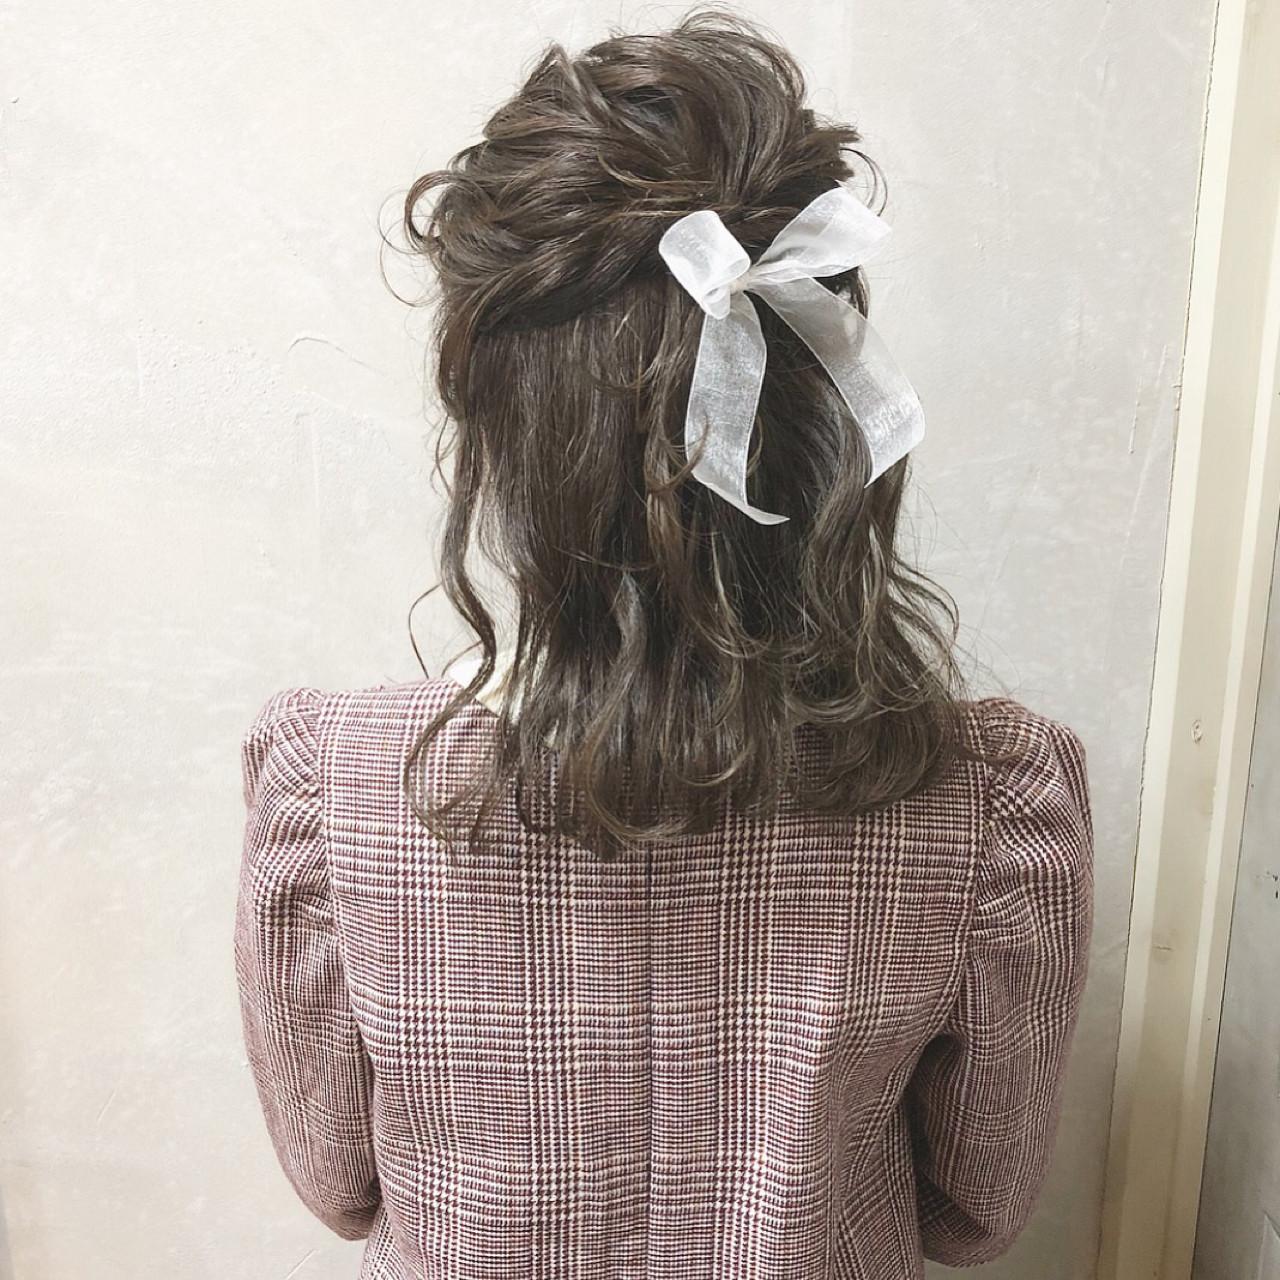 【髪型に迷う女子必見!】流行りの髪型でおしゃれ女子に変身♡の11枚目の画像